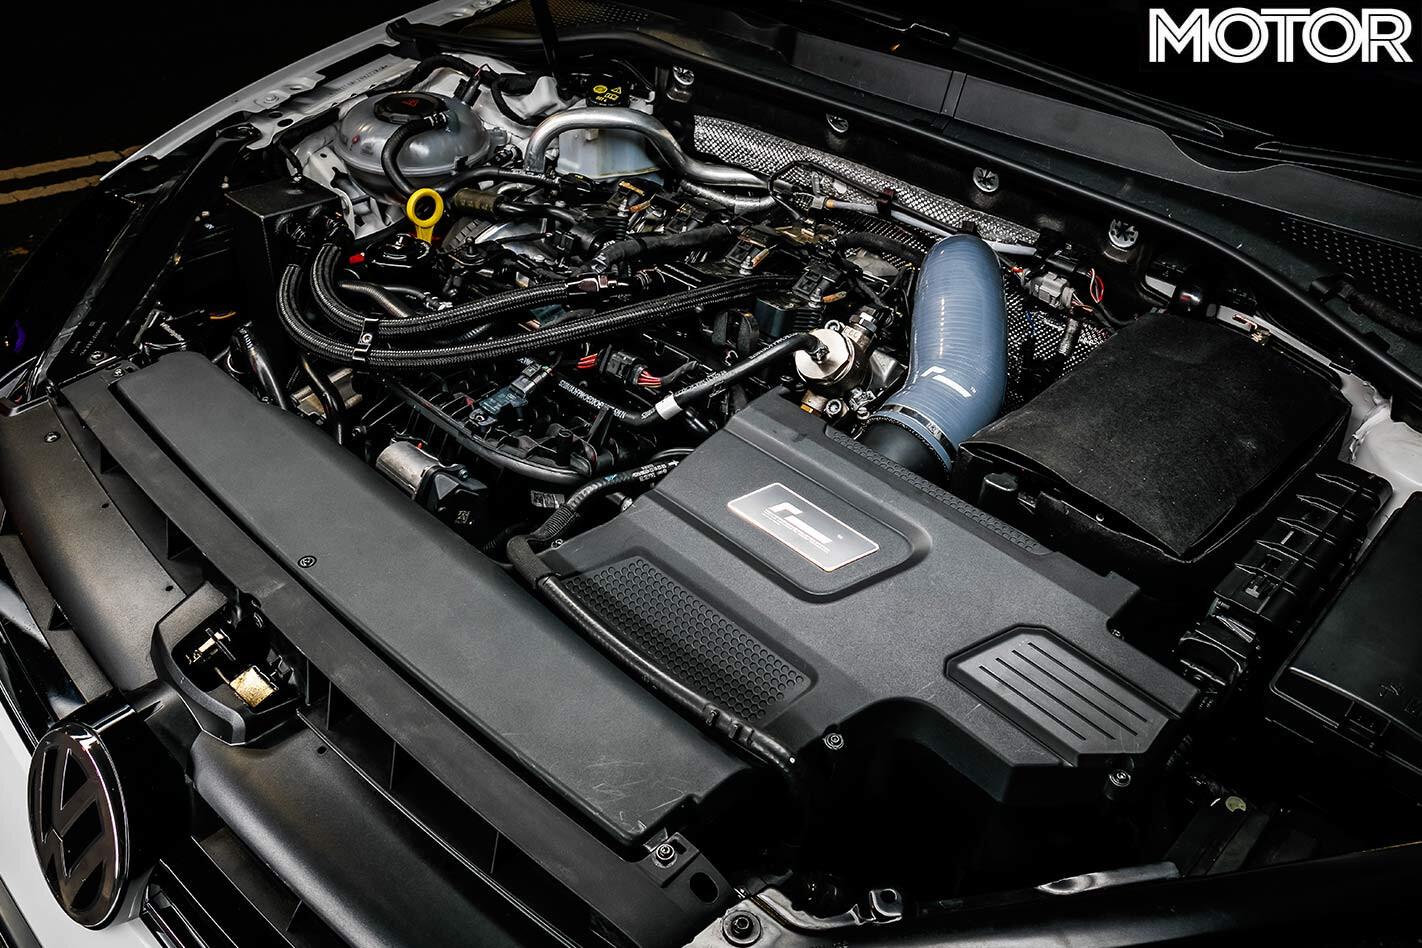 Volkswagen Golf R engine bay